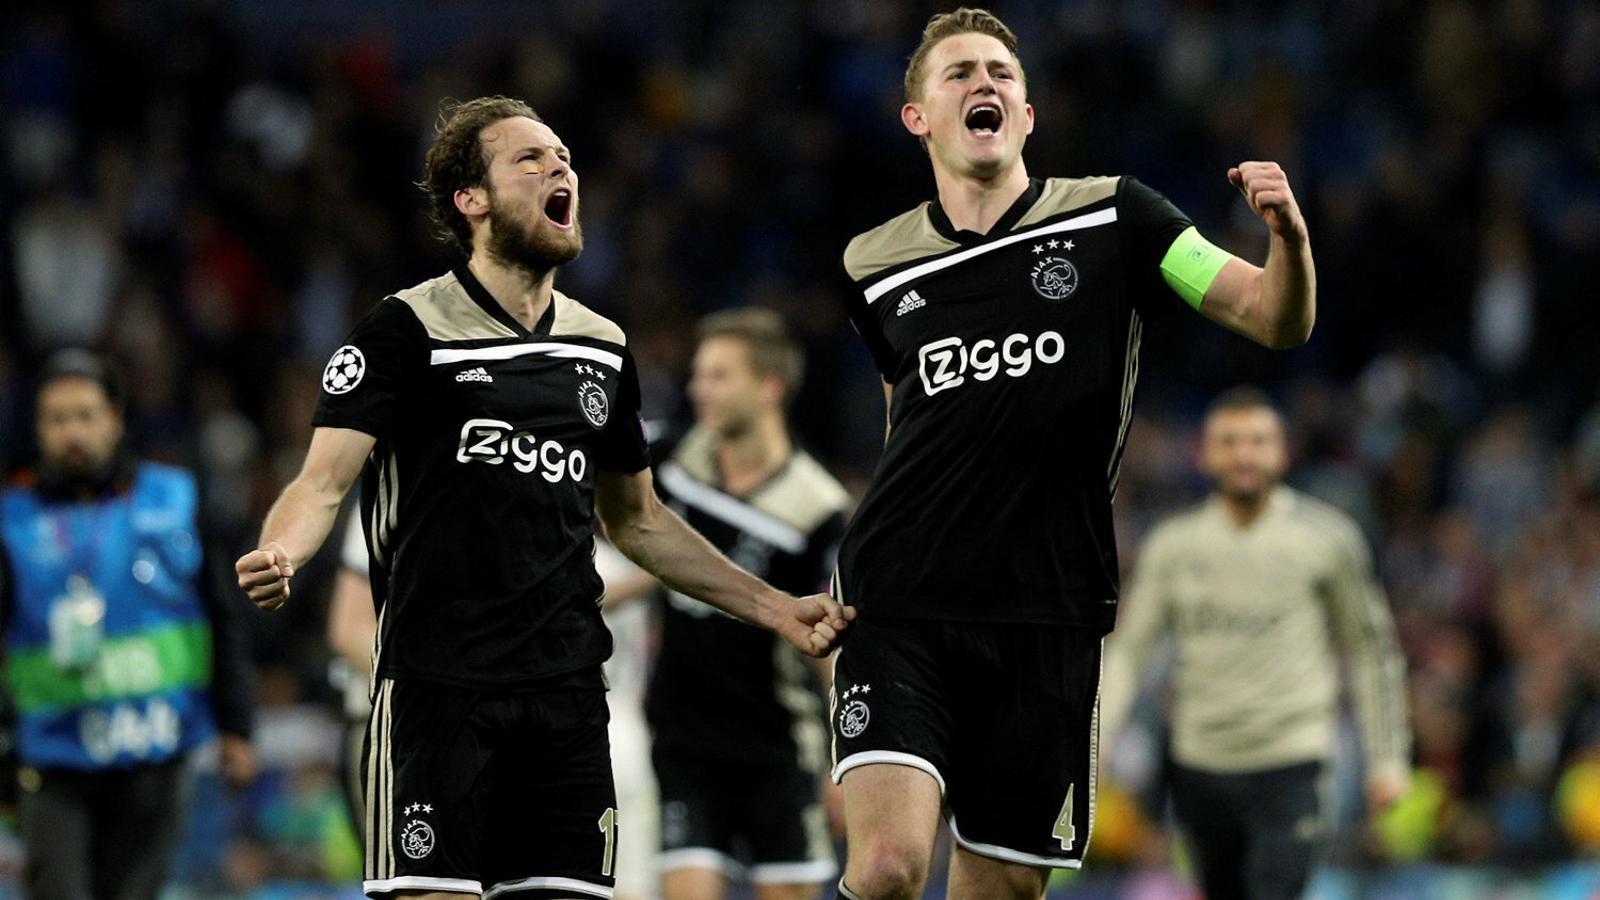 El central holandès de l'Ajax Matthijs de Ligt, de 19 anys.